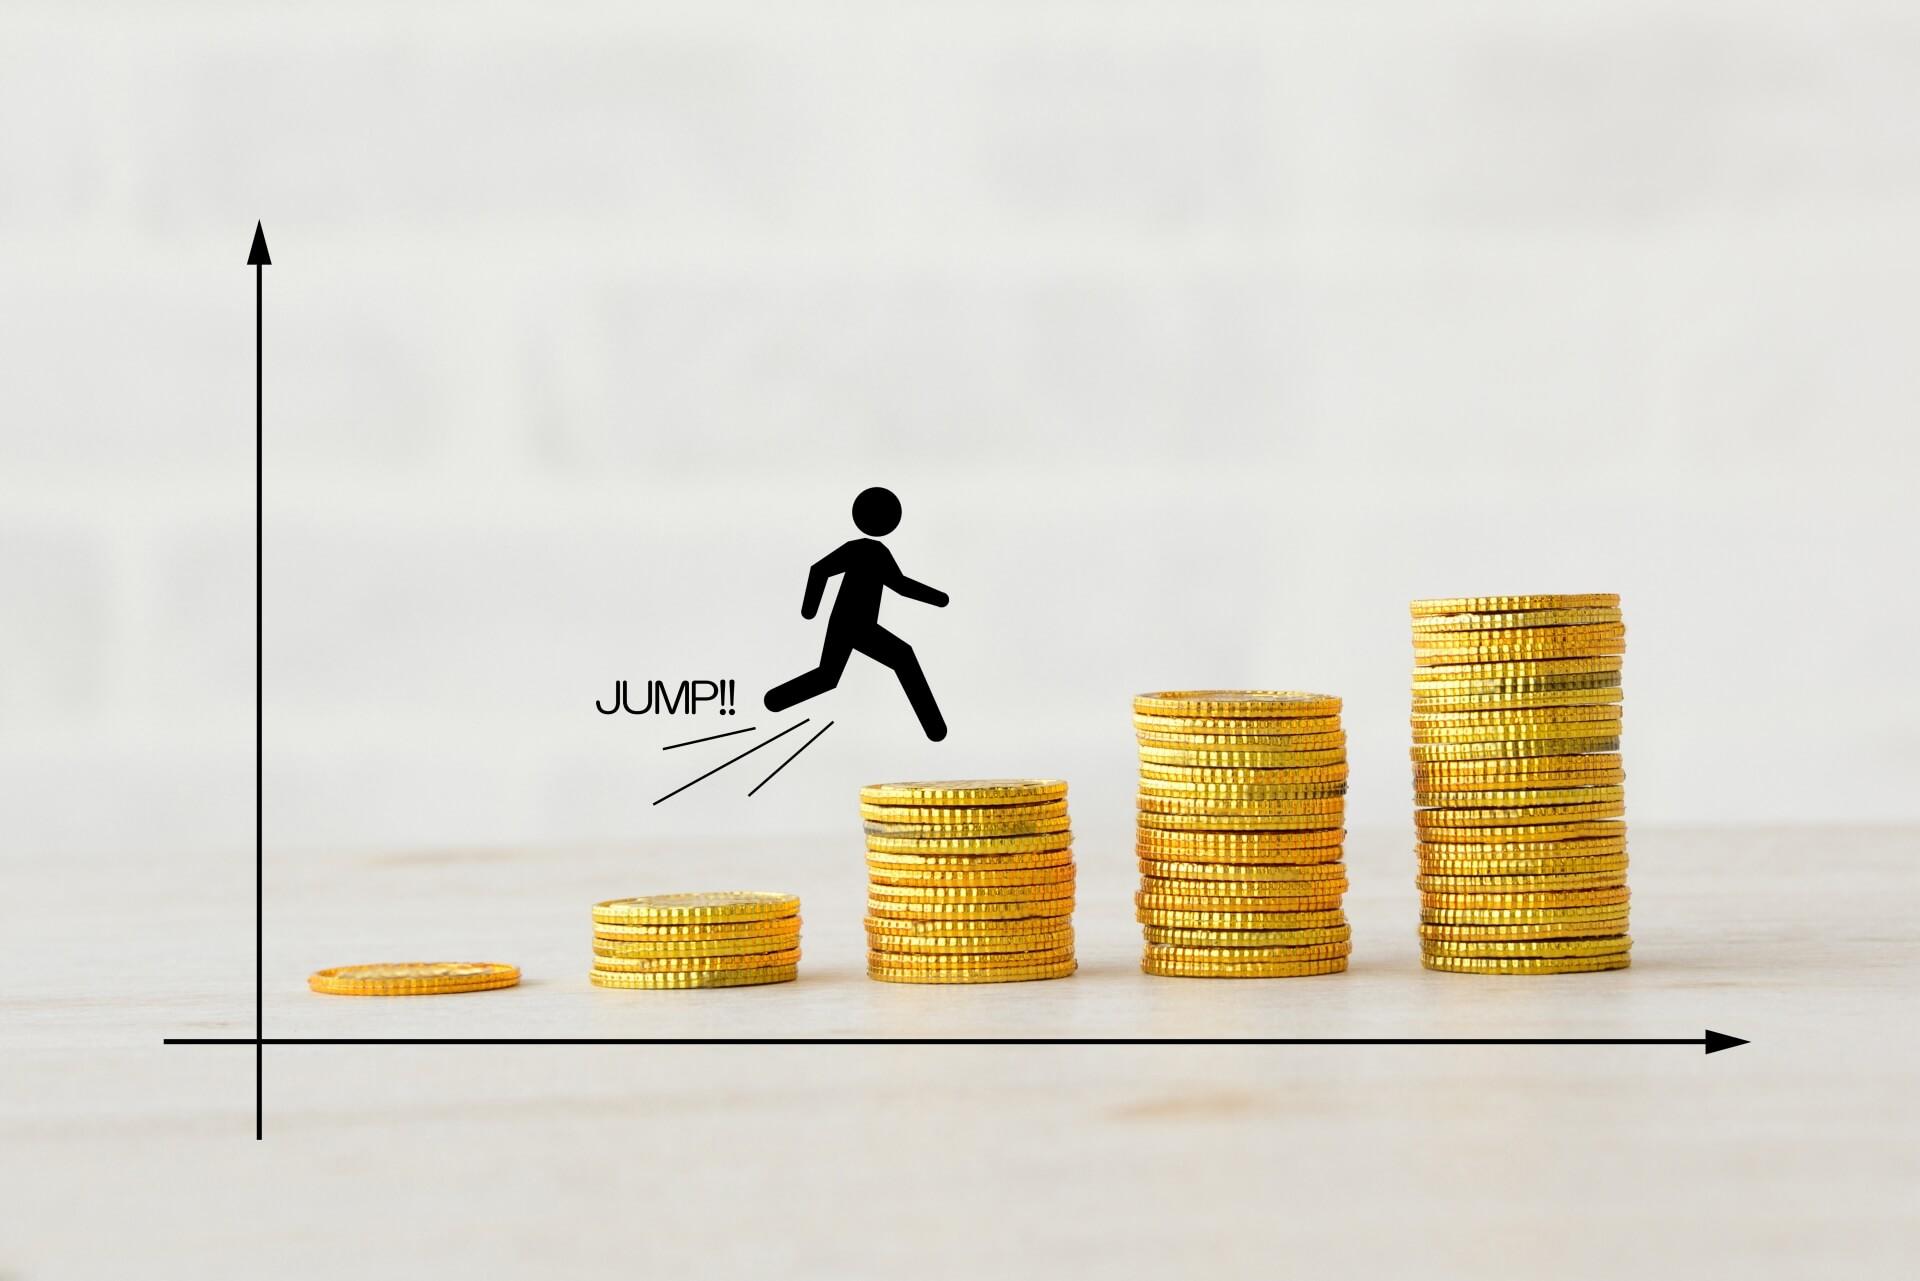 「ネットフリックスのマクドナルド化」 会費値上げに見る「賃金事情の変化」~6月22日「おはよう寺ちゃん」